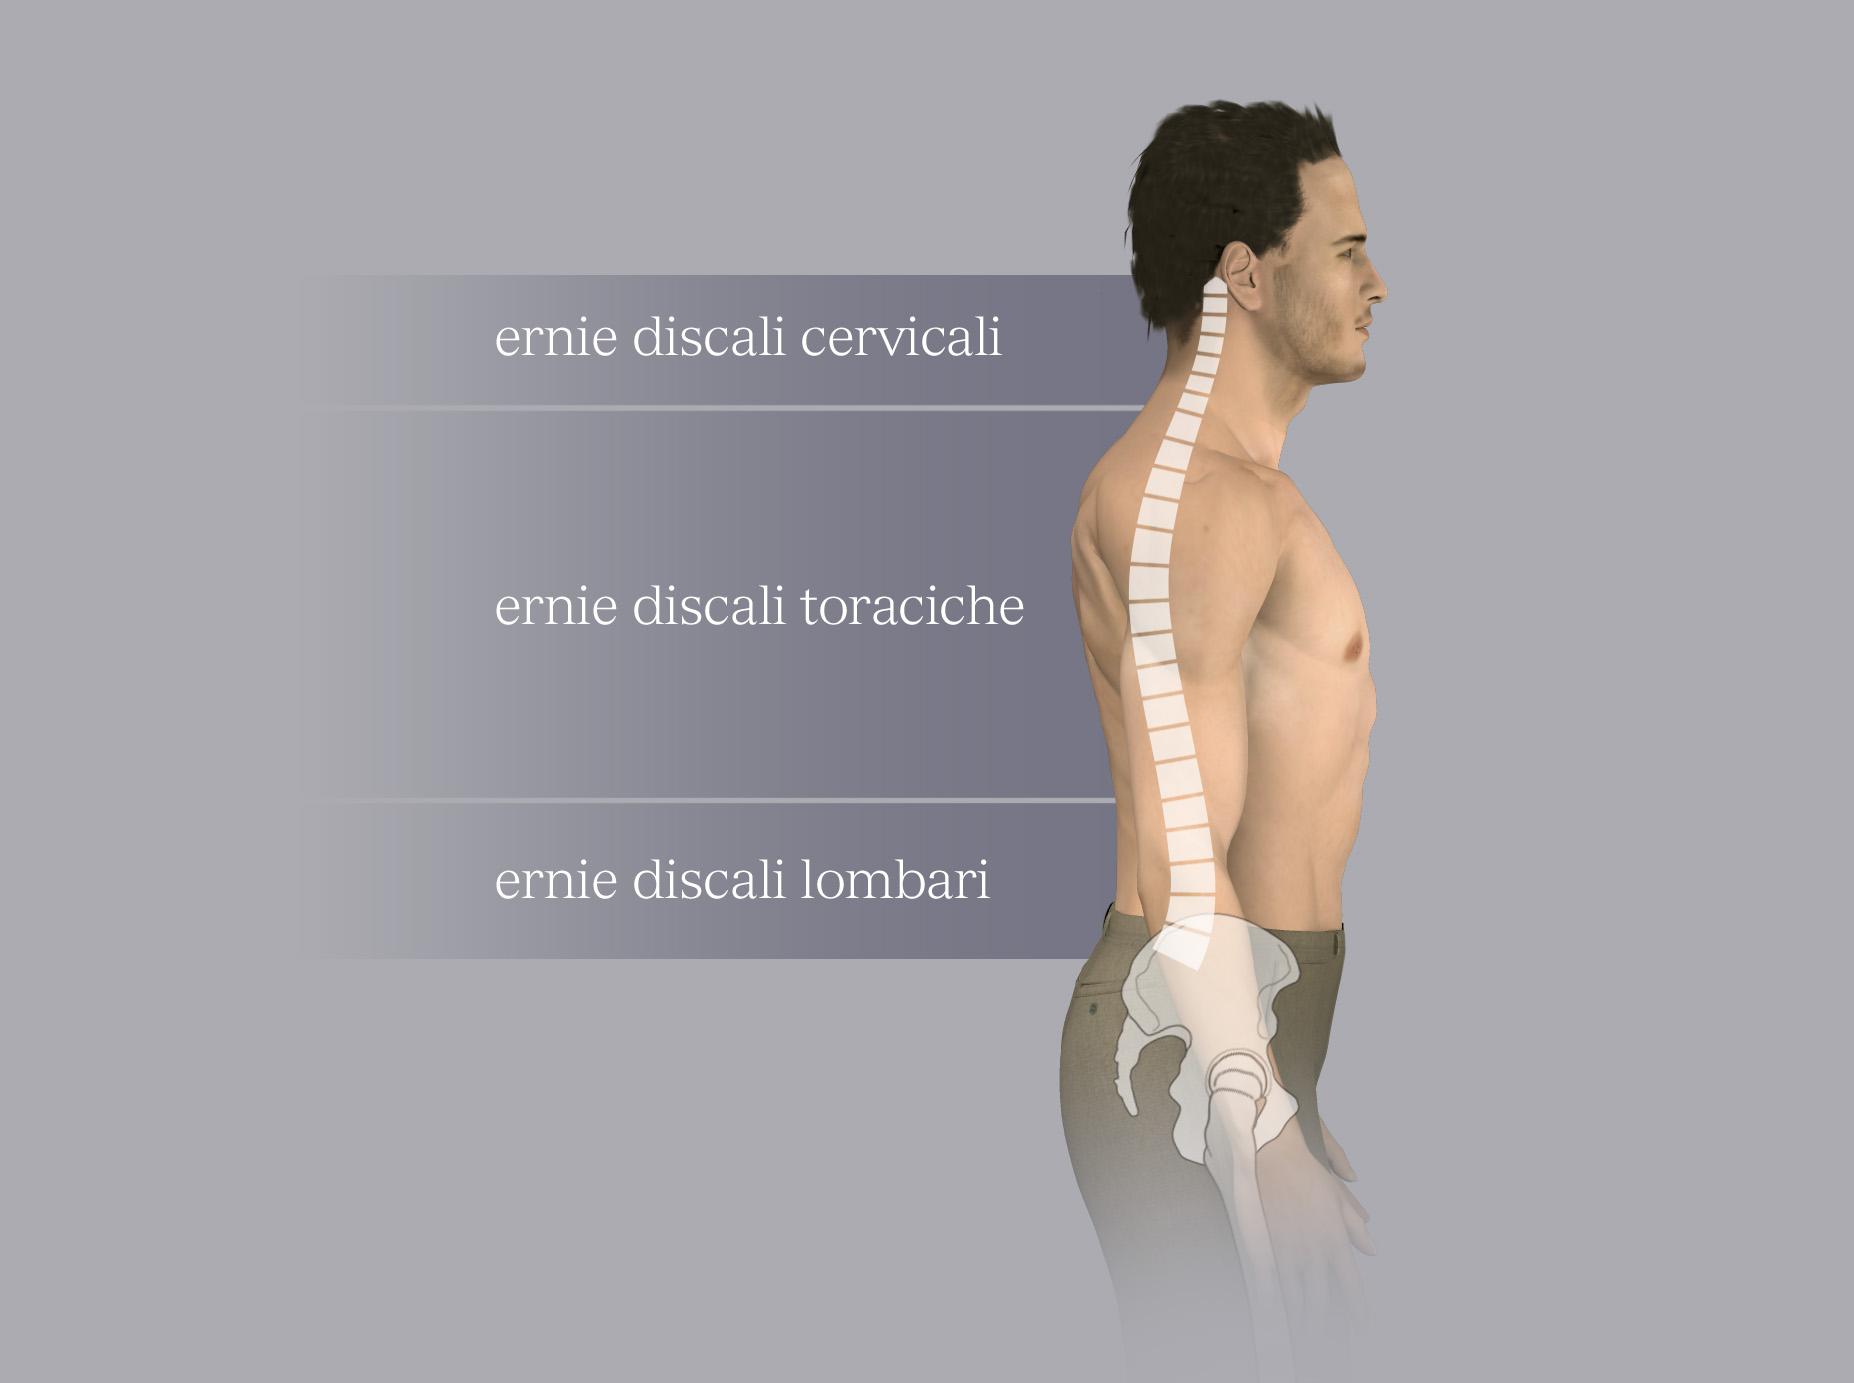 Classificazione delle ernie per tratto della colonna: cervicale, dorsale, lombare.